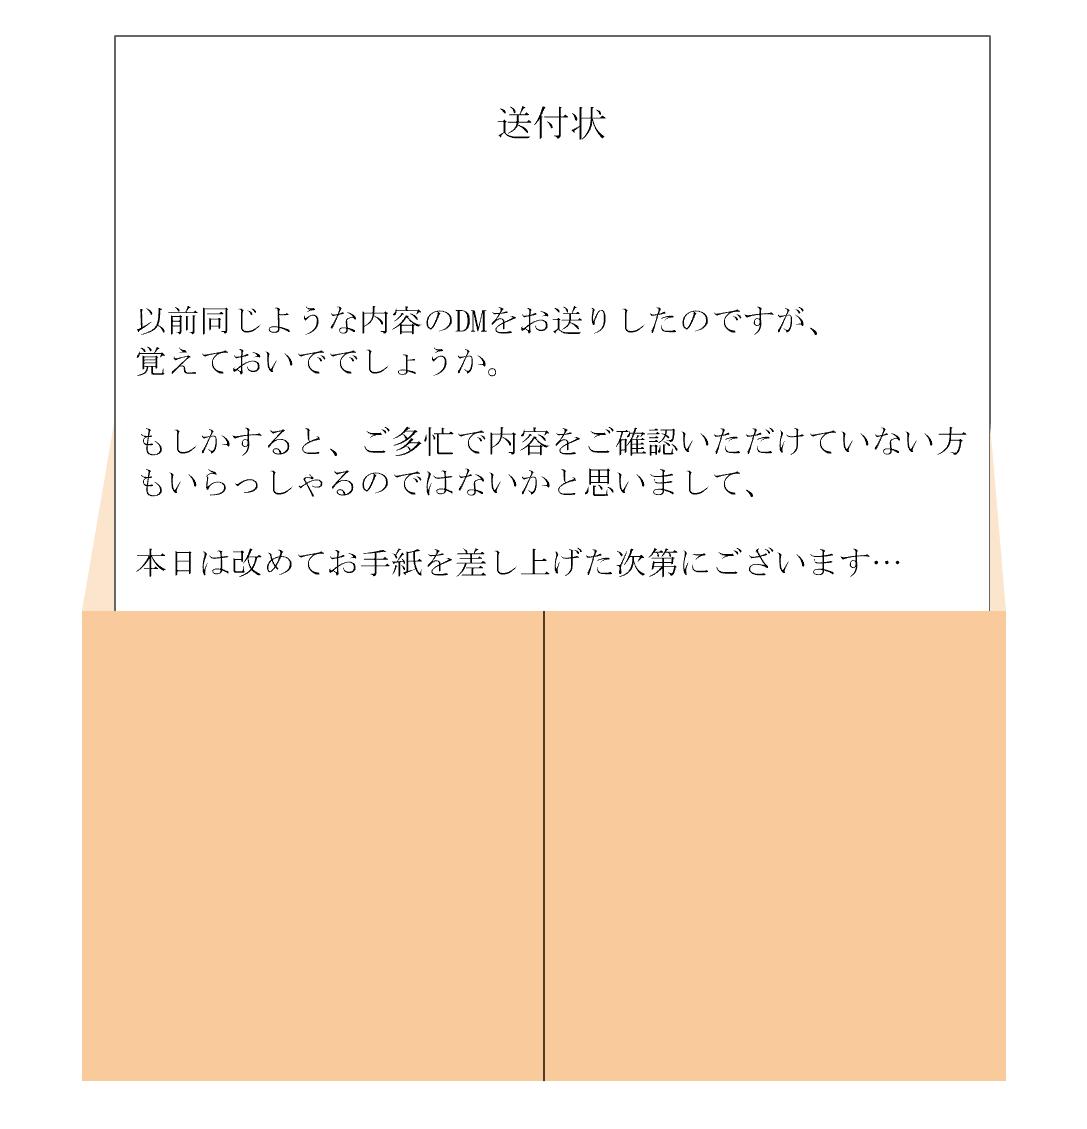 DM送付状